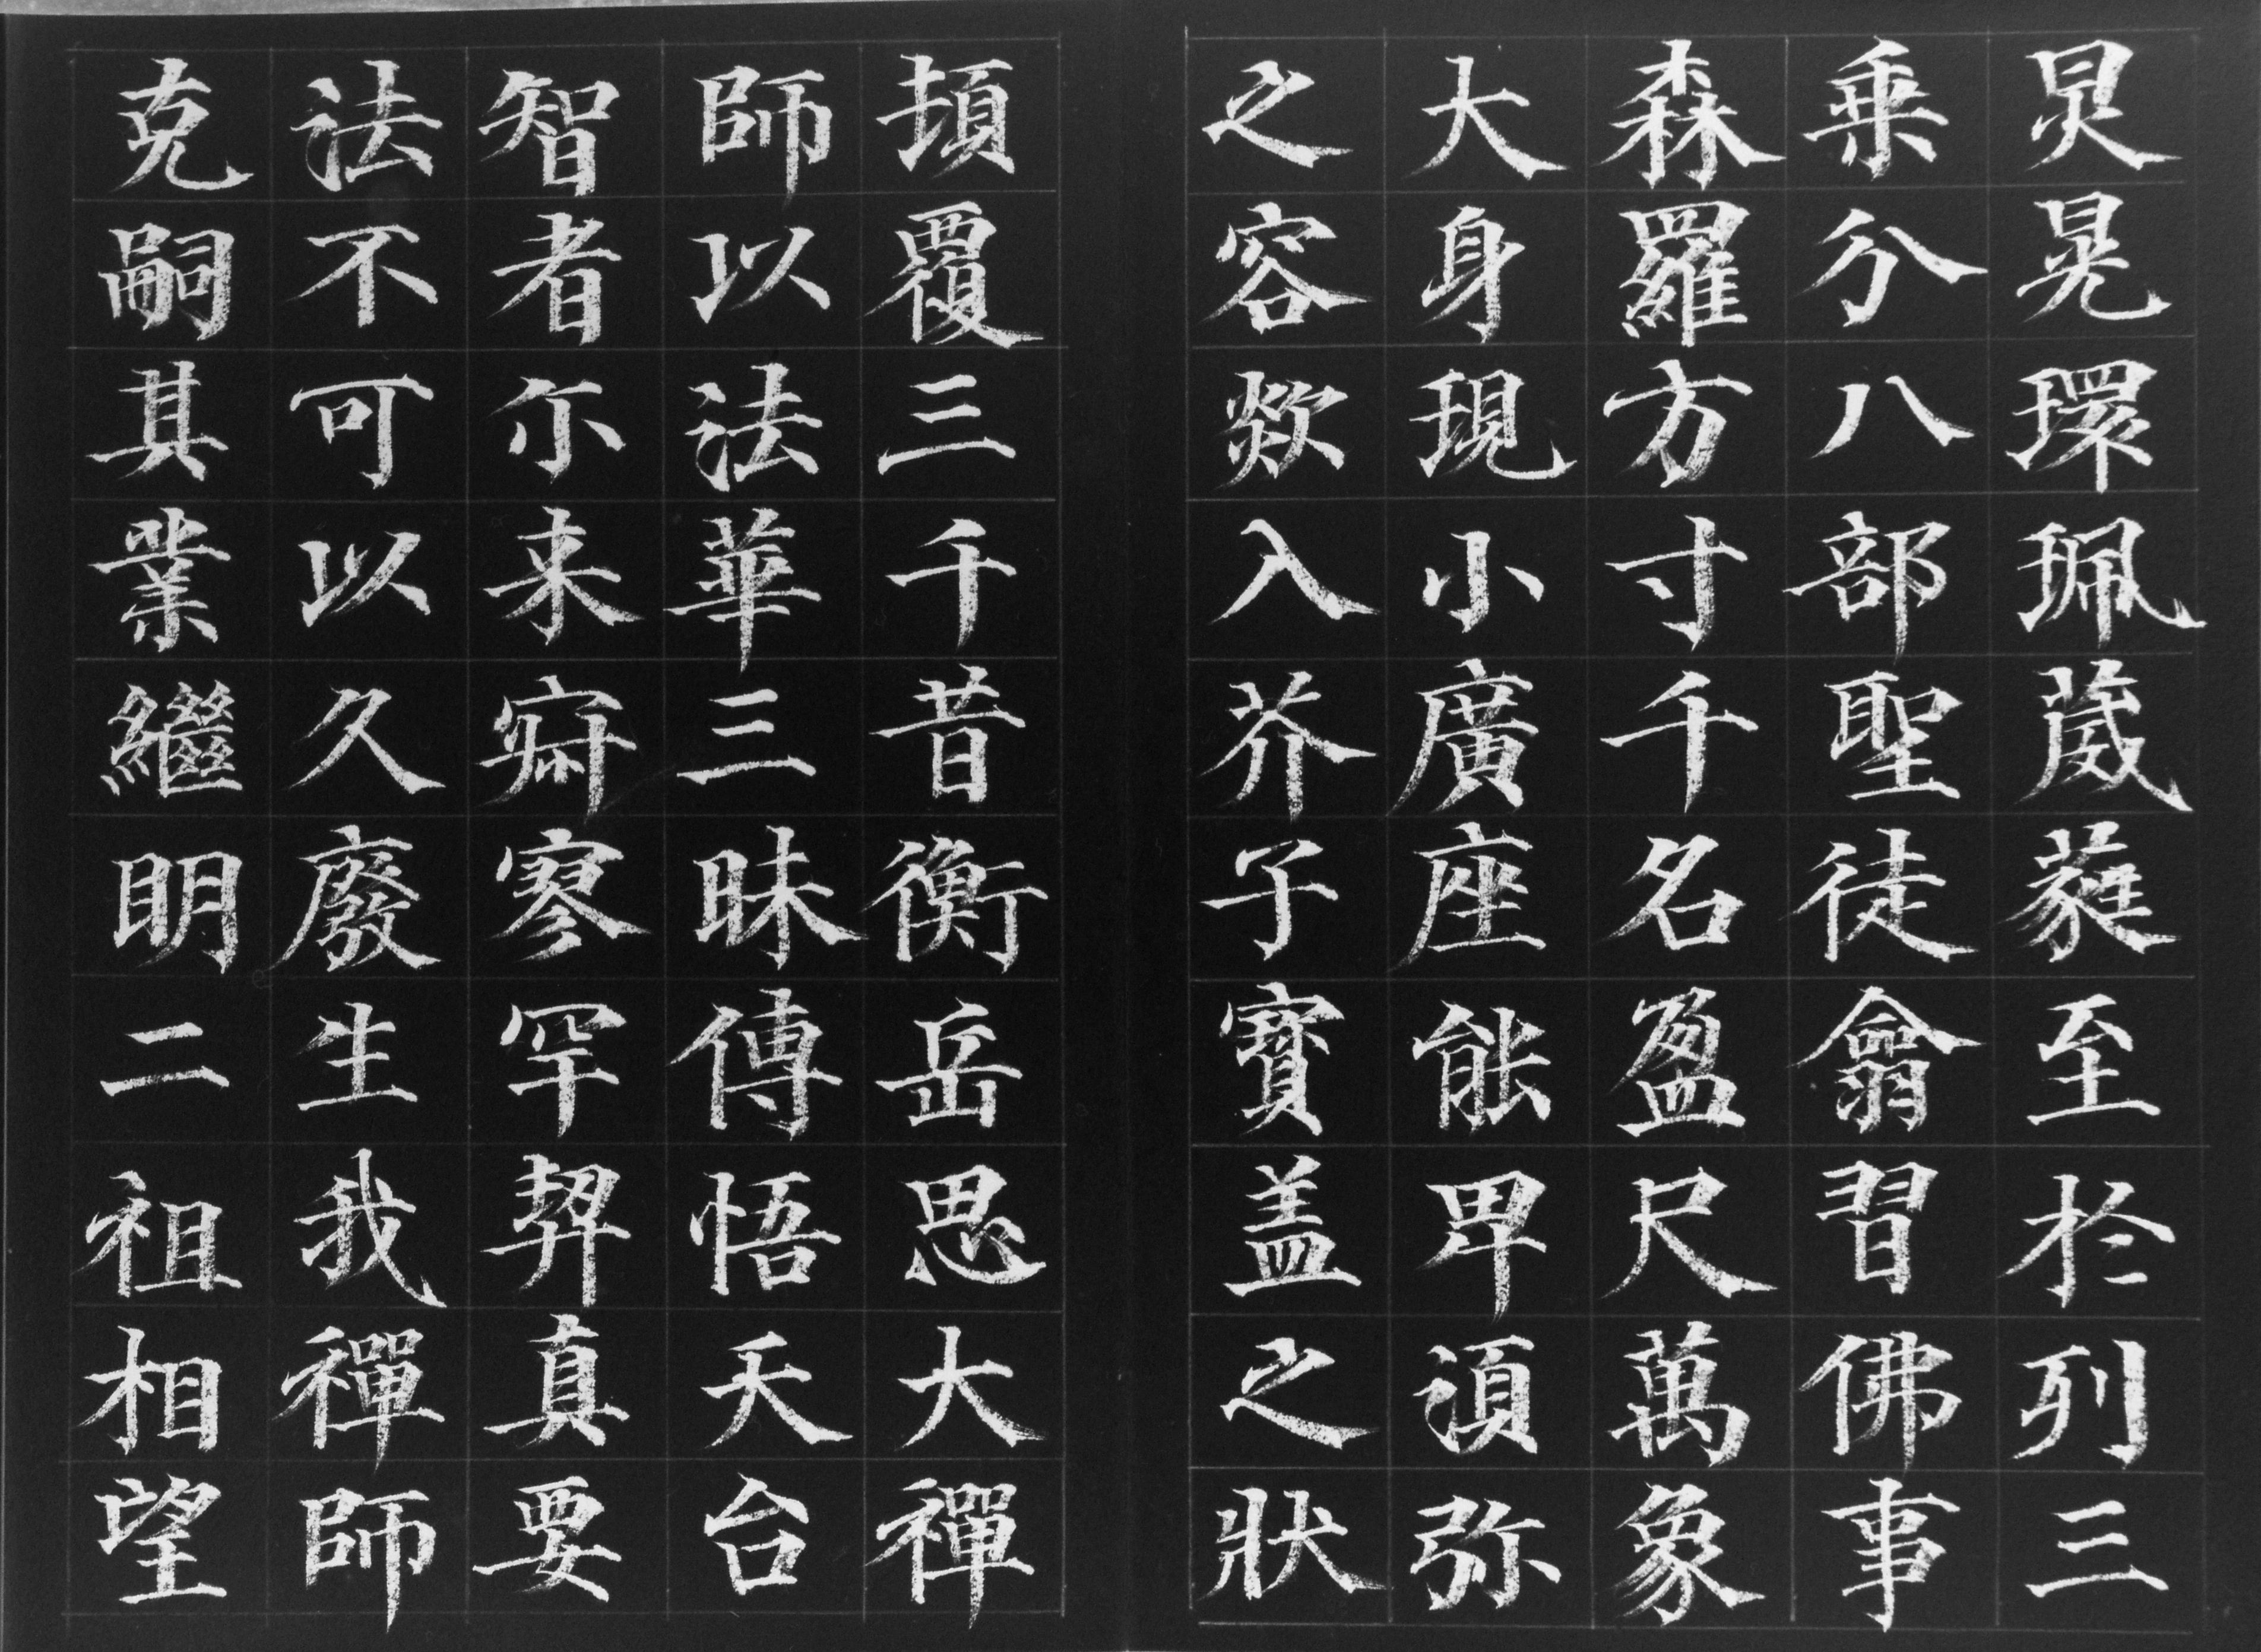 多宝塔临习-书画-爱十堰